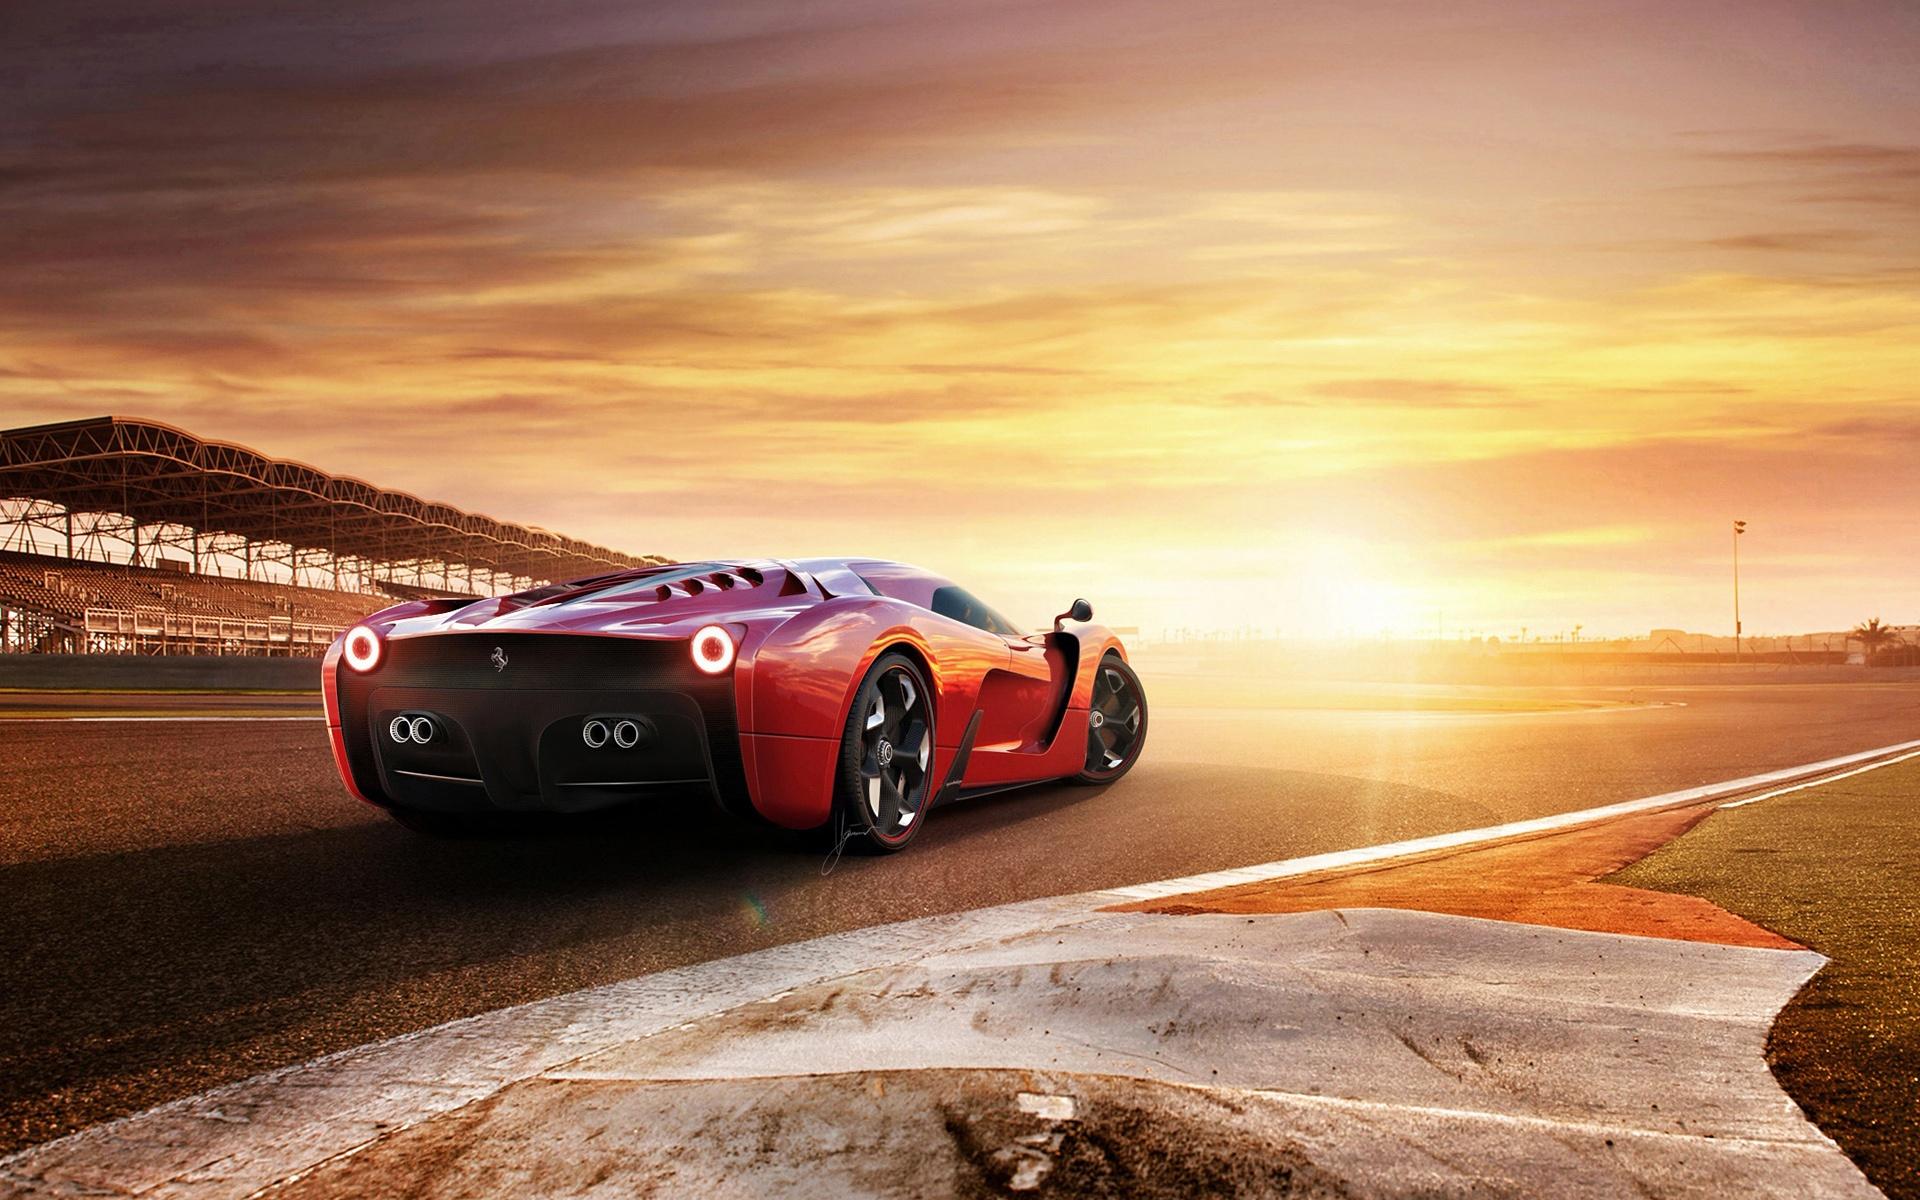 Ferrari 458 Wallpapers ID523697